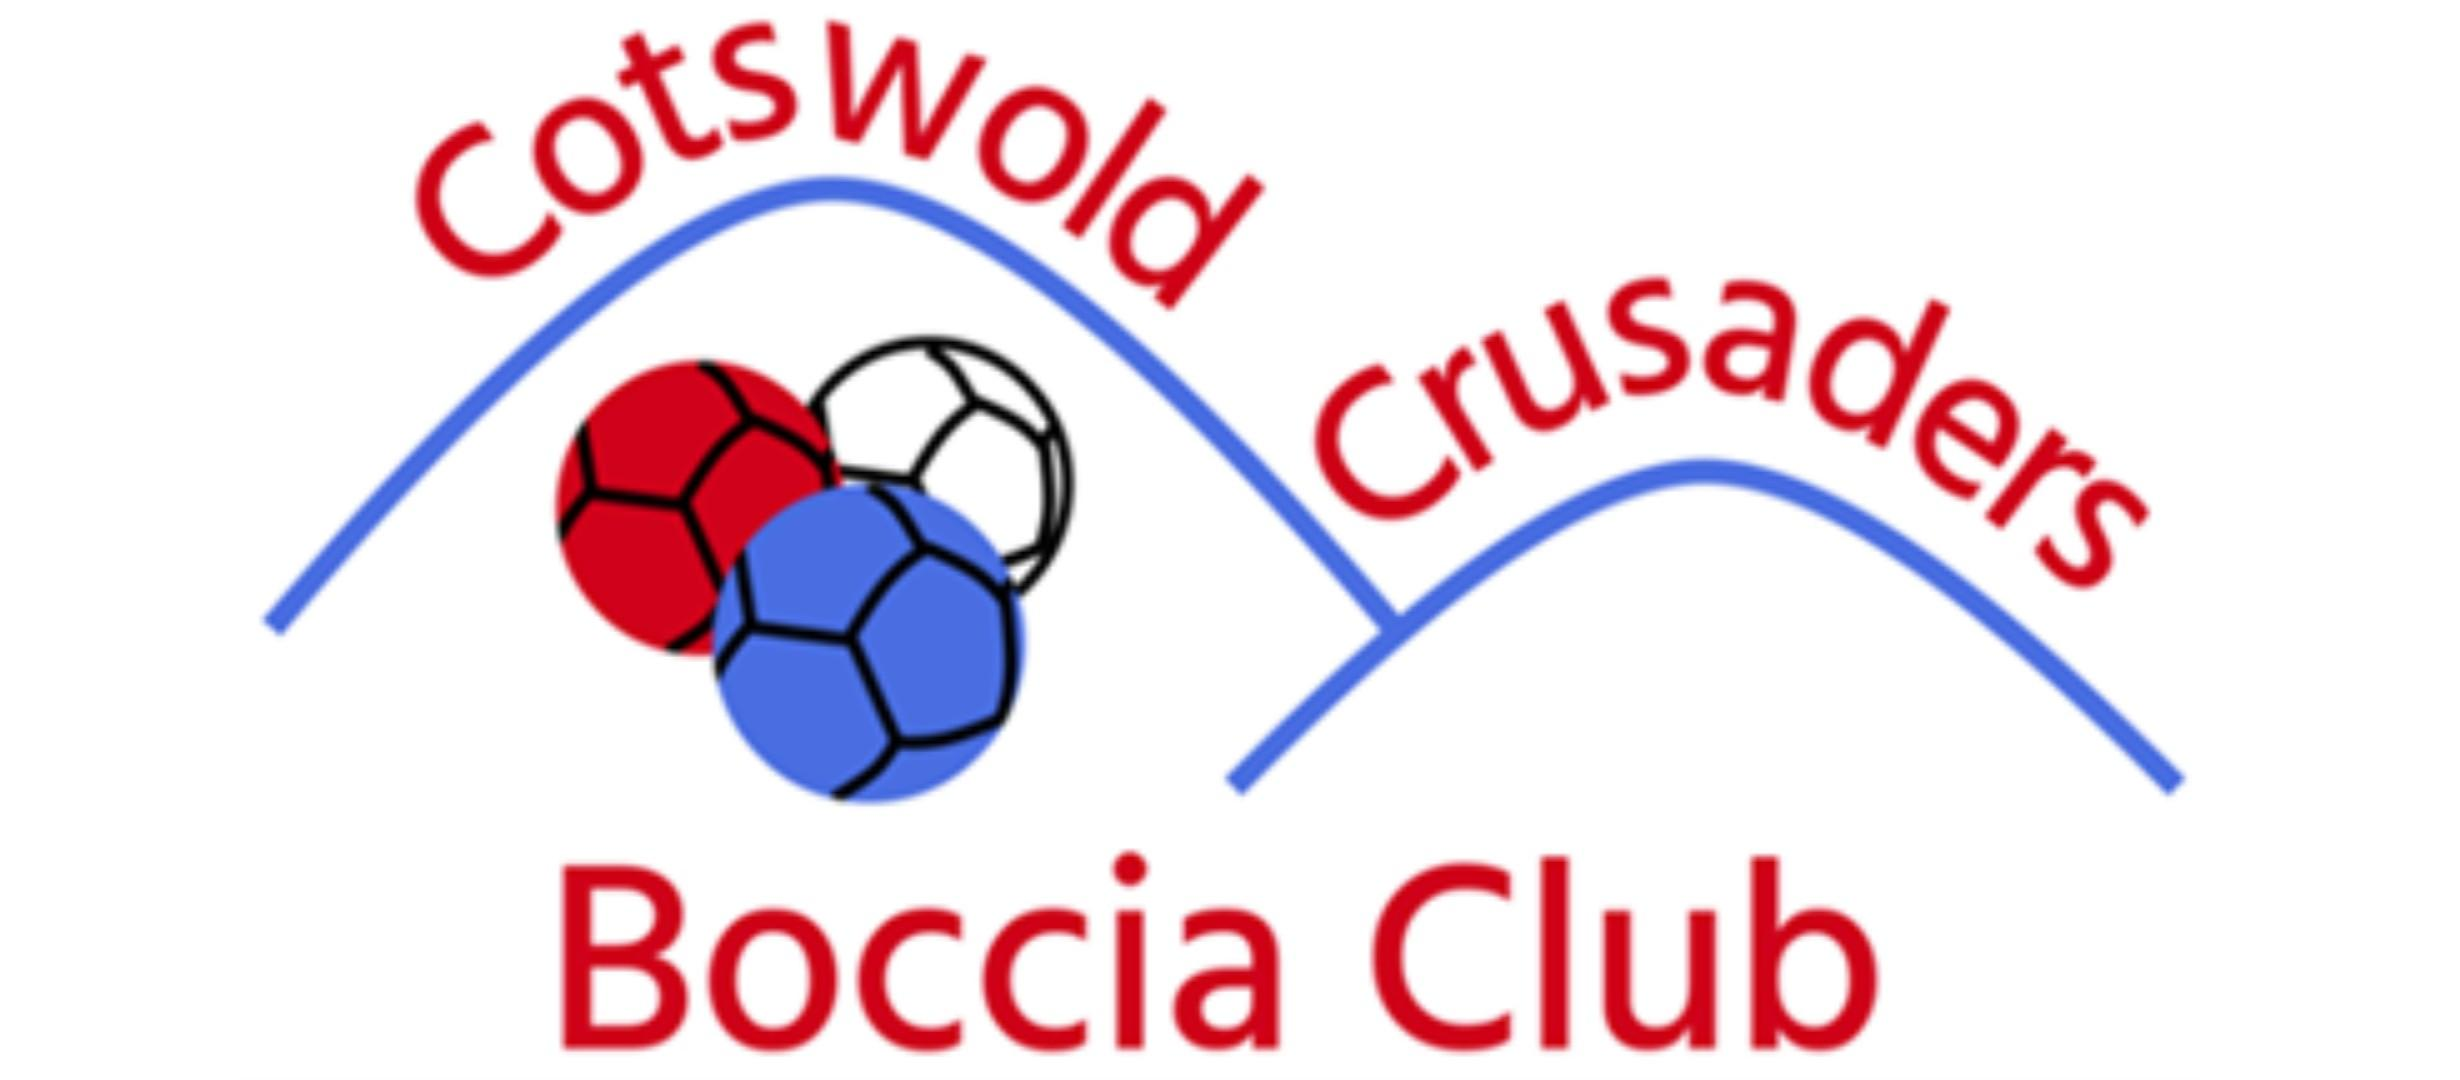 boccia club logo